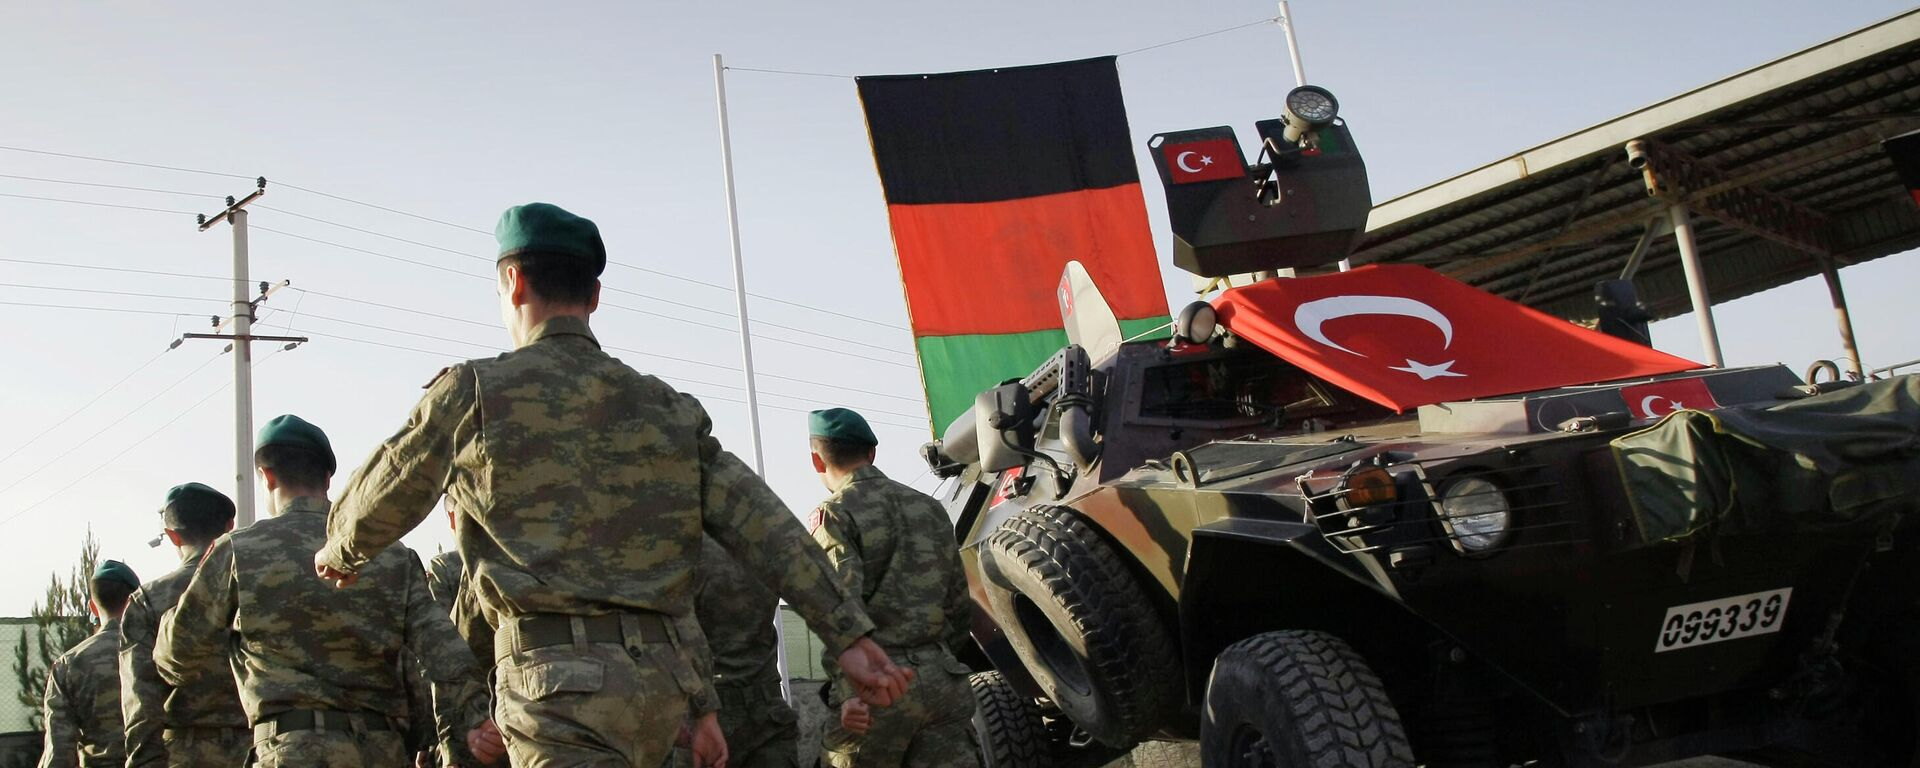 Soldados turcos en el campamento de la OTAN  Dogan en Kabul, Afganistán, octubre de 2012. - Sputnik Mundo, 1920, 17.08.2021